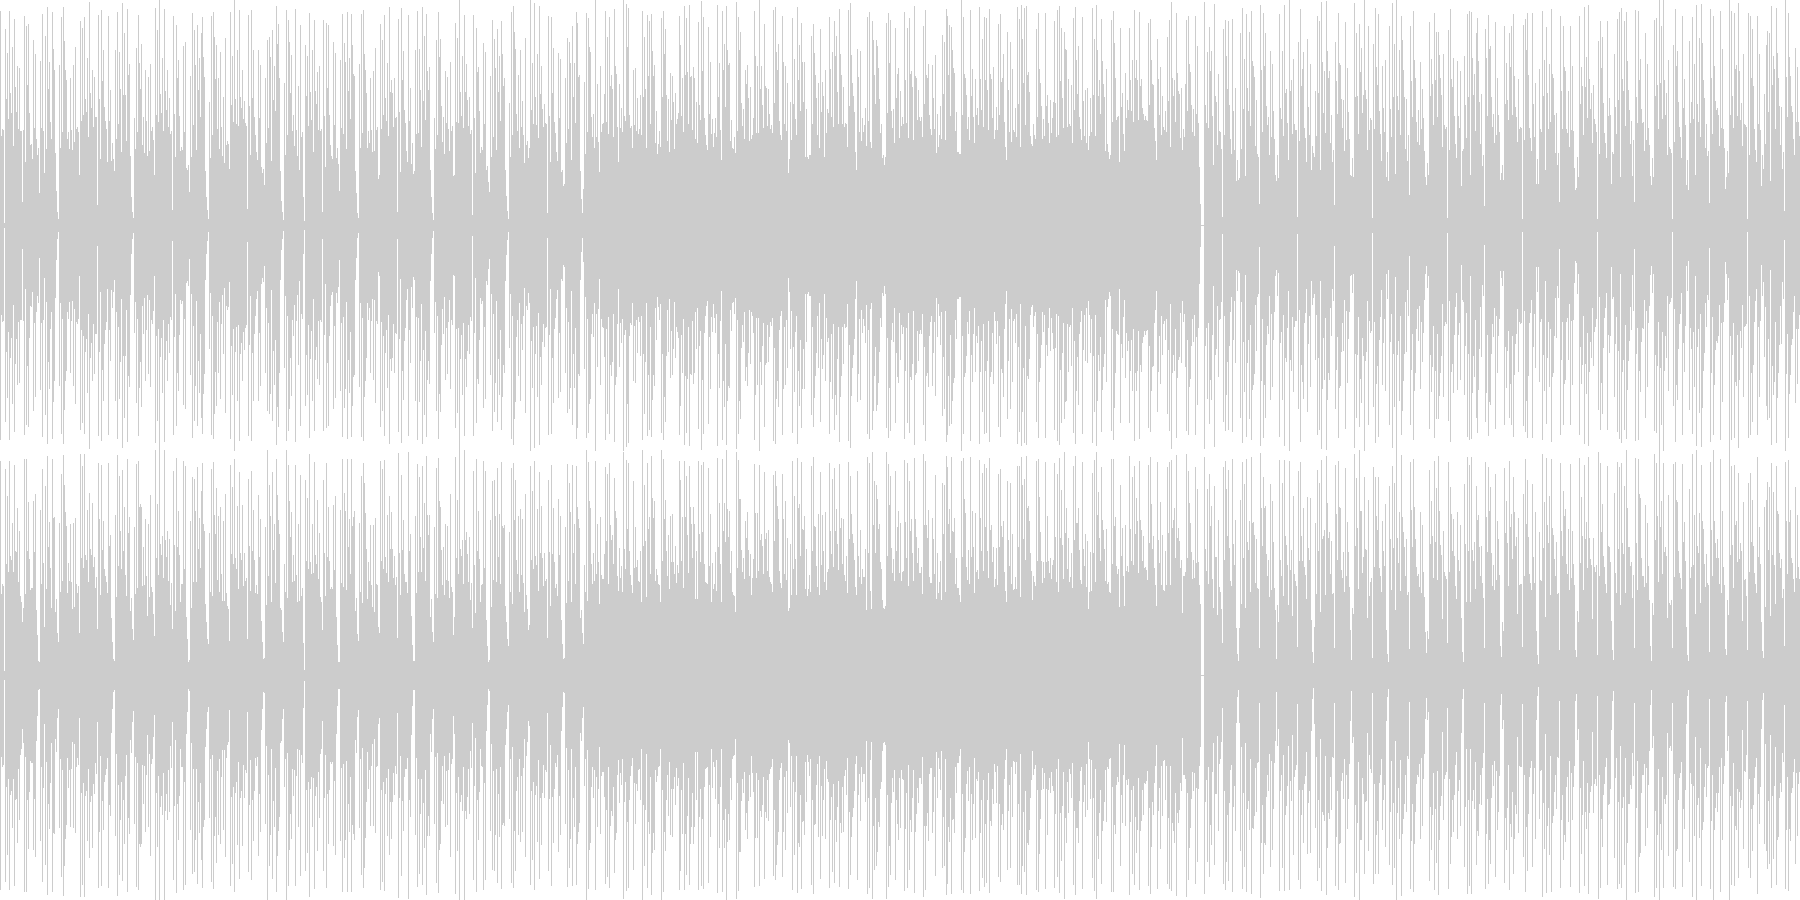 【浮遊感のあるポップス・エレクトロニカ】の未再生の波形